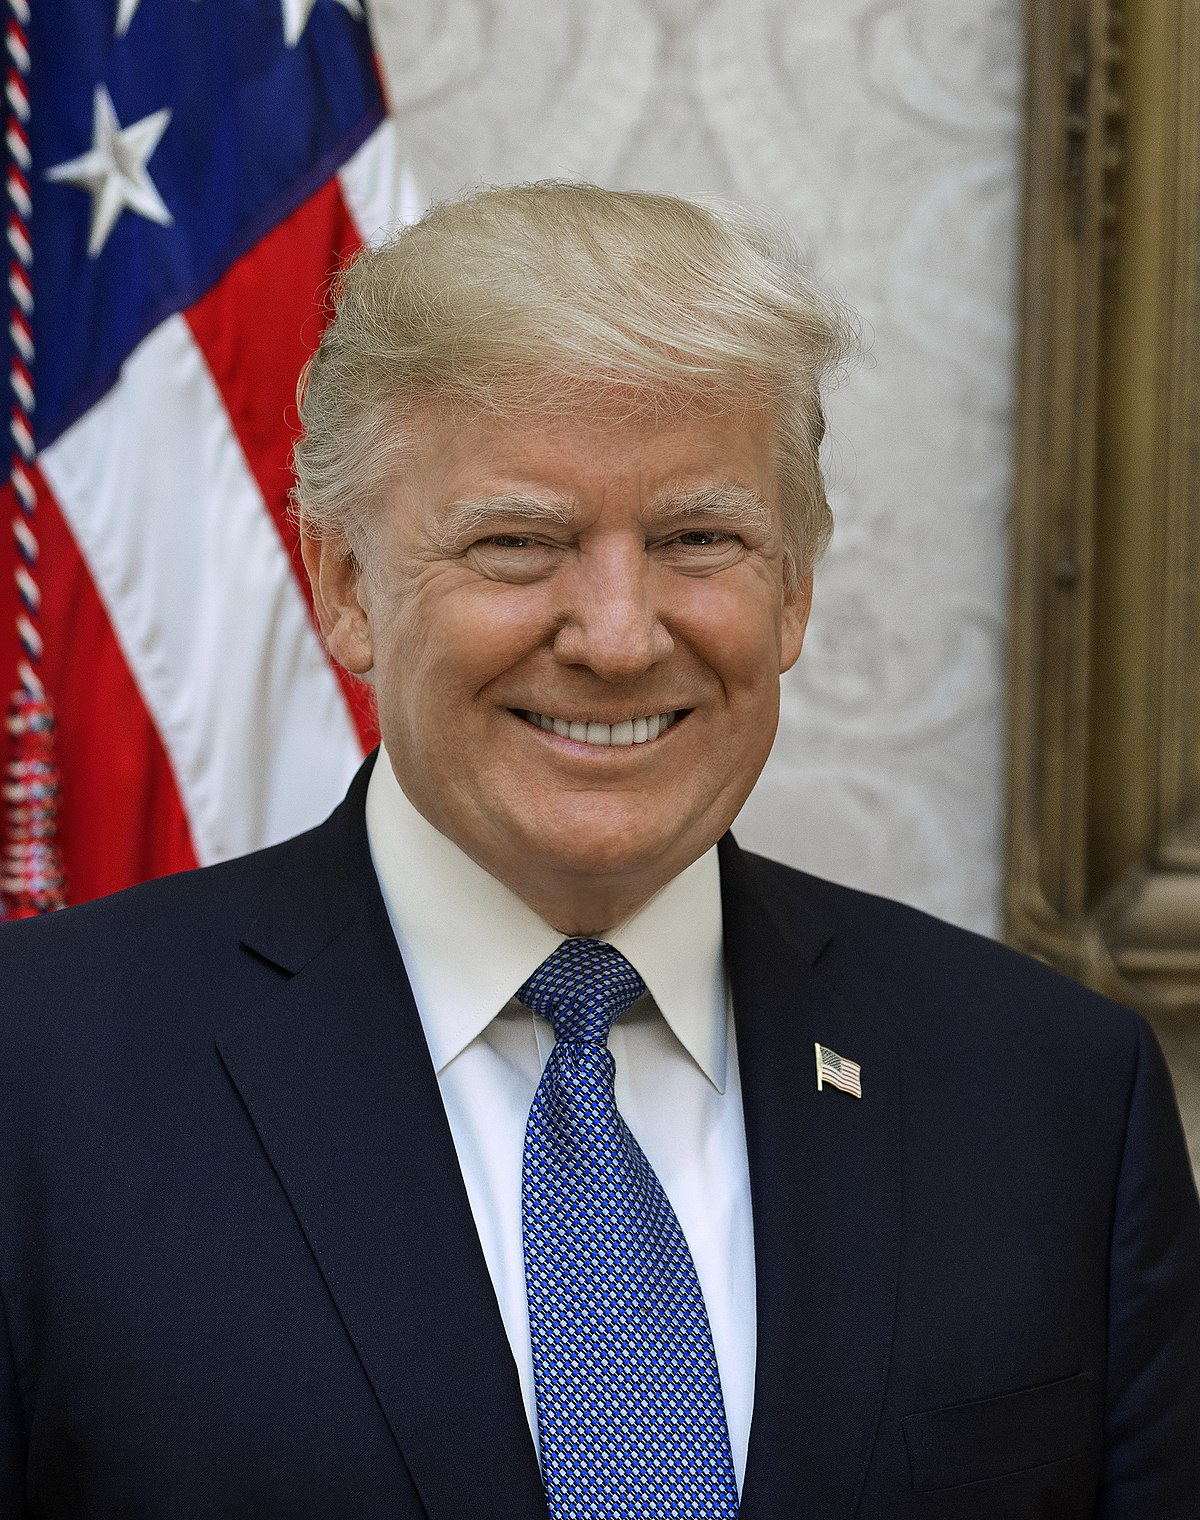 af7cfe704d1 Ühestki teisest USA presidendist pole tema valitsemisaja esimese aasta  jooksul nii palju kirjutatud, näidatud või räägitud kui Donald Trumpist, ...